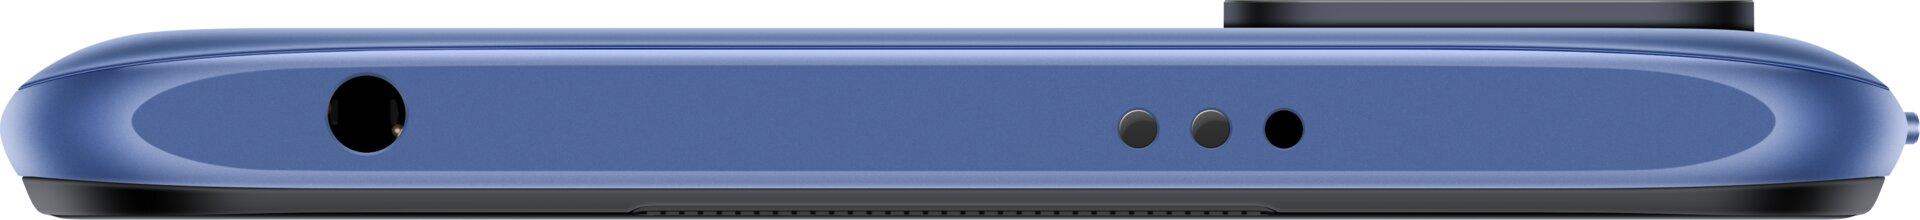 Das neue Redmi Note 10 5G in Blau